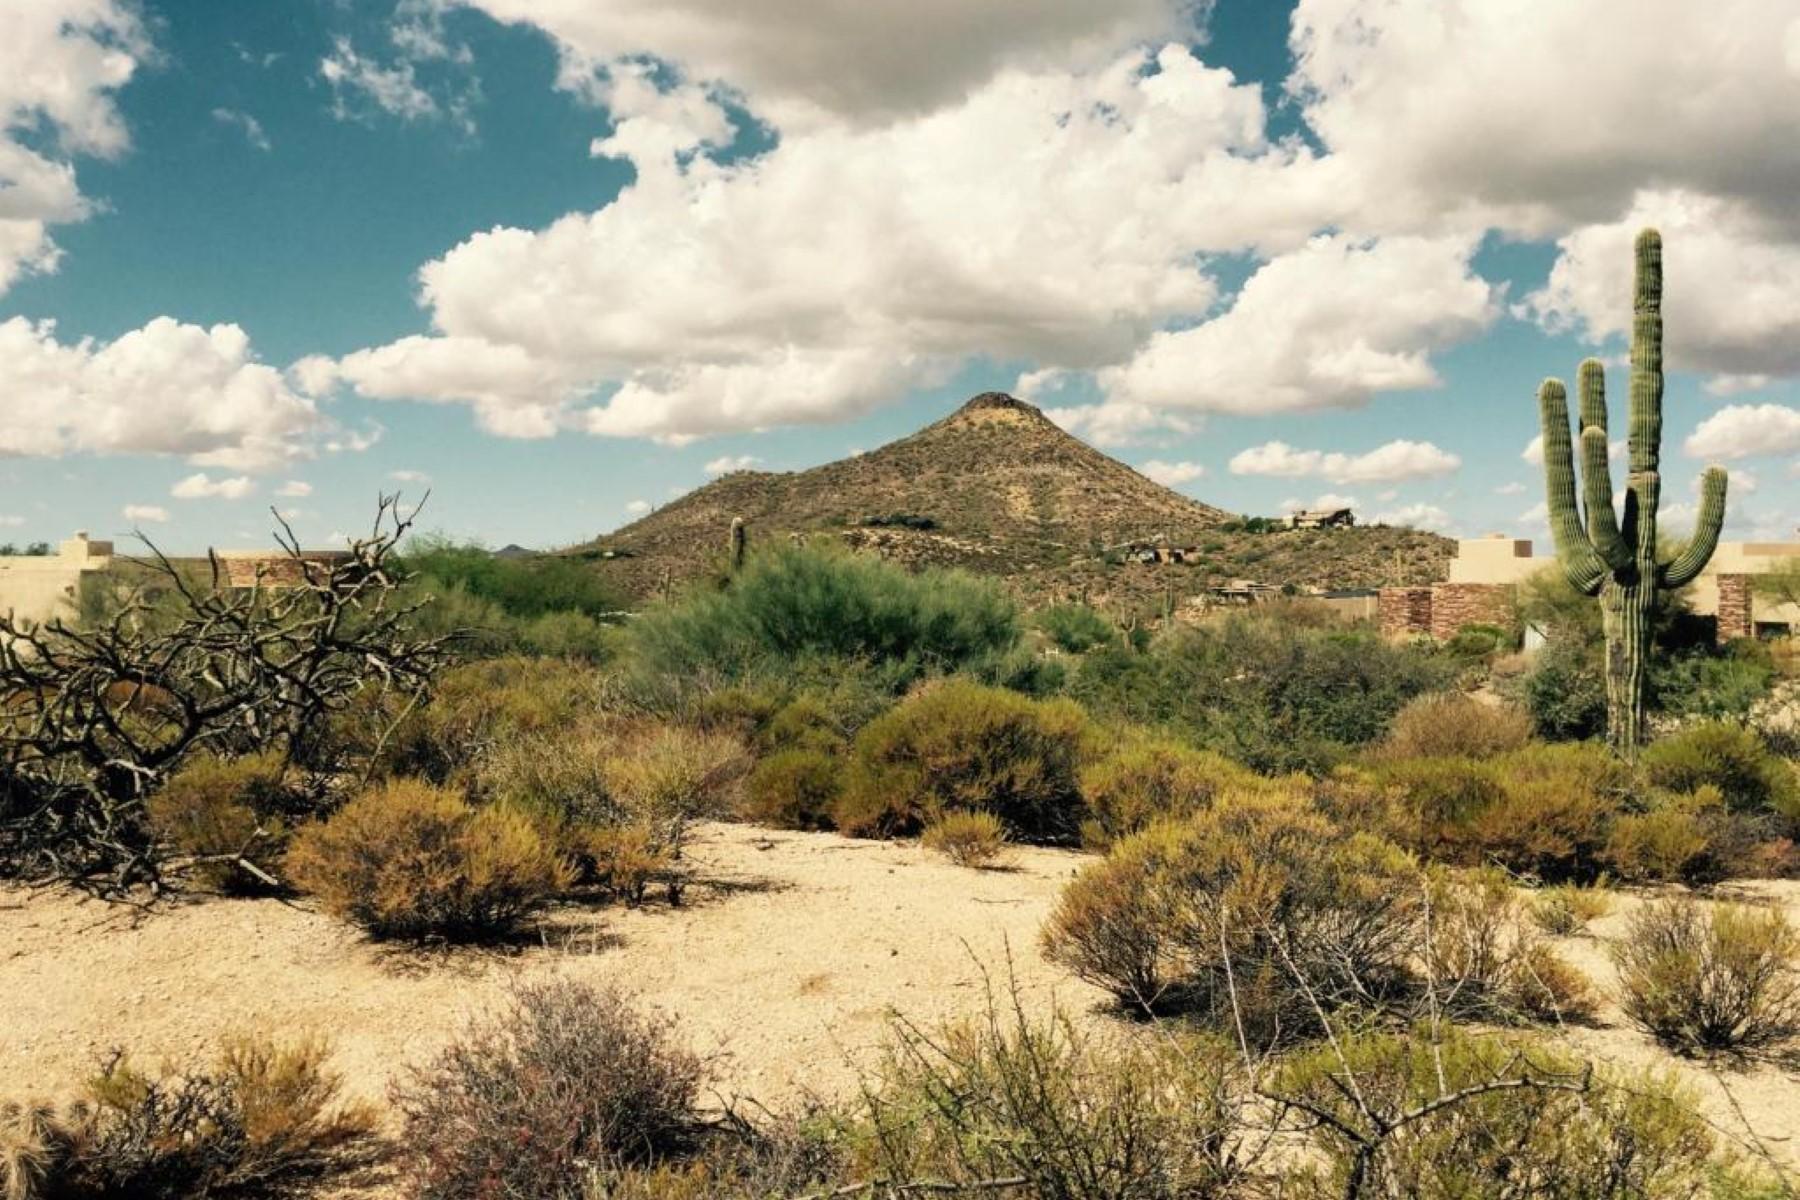 Terreno per Vendita alle ore Great private setting offering mountain views 9975 E Groundcherry Ln 26 Scottsdale, Arizona 85262 Stati Uniti